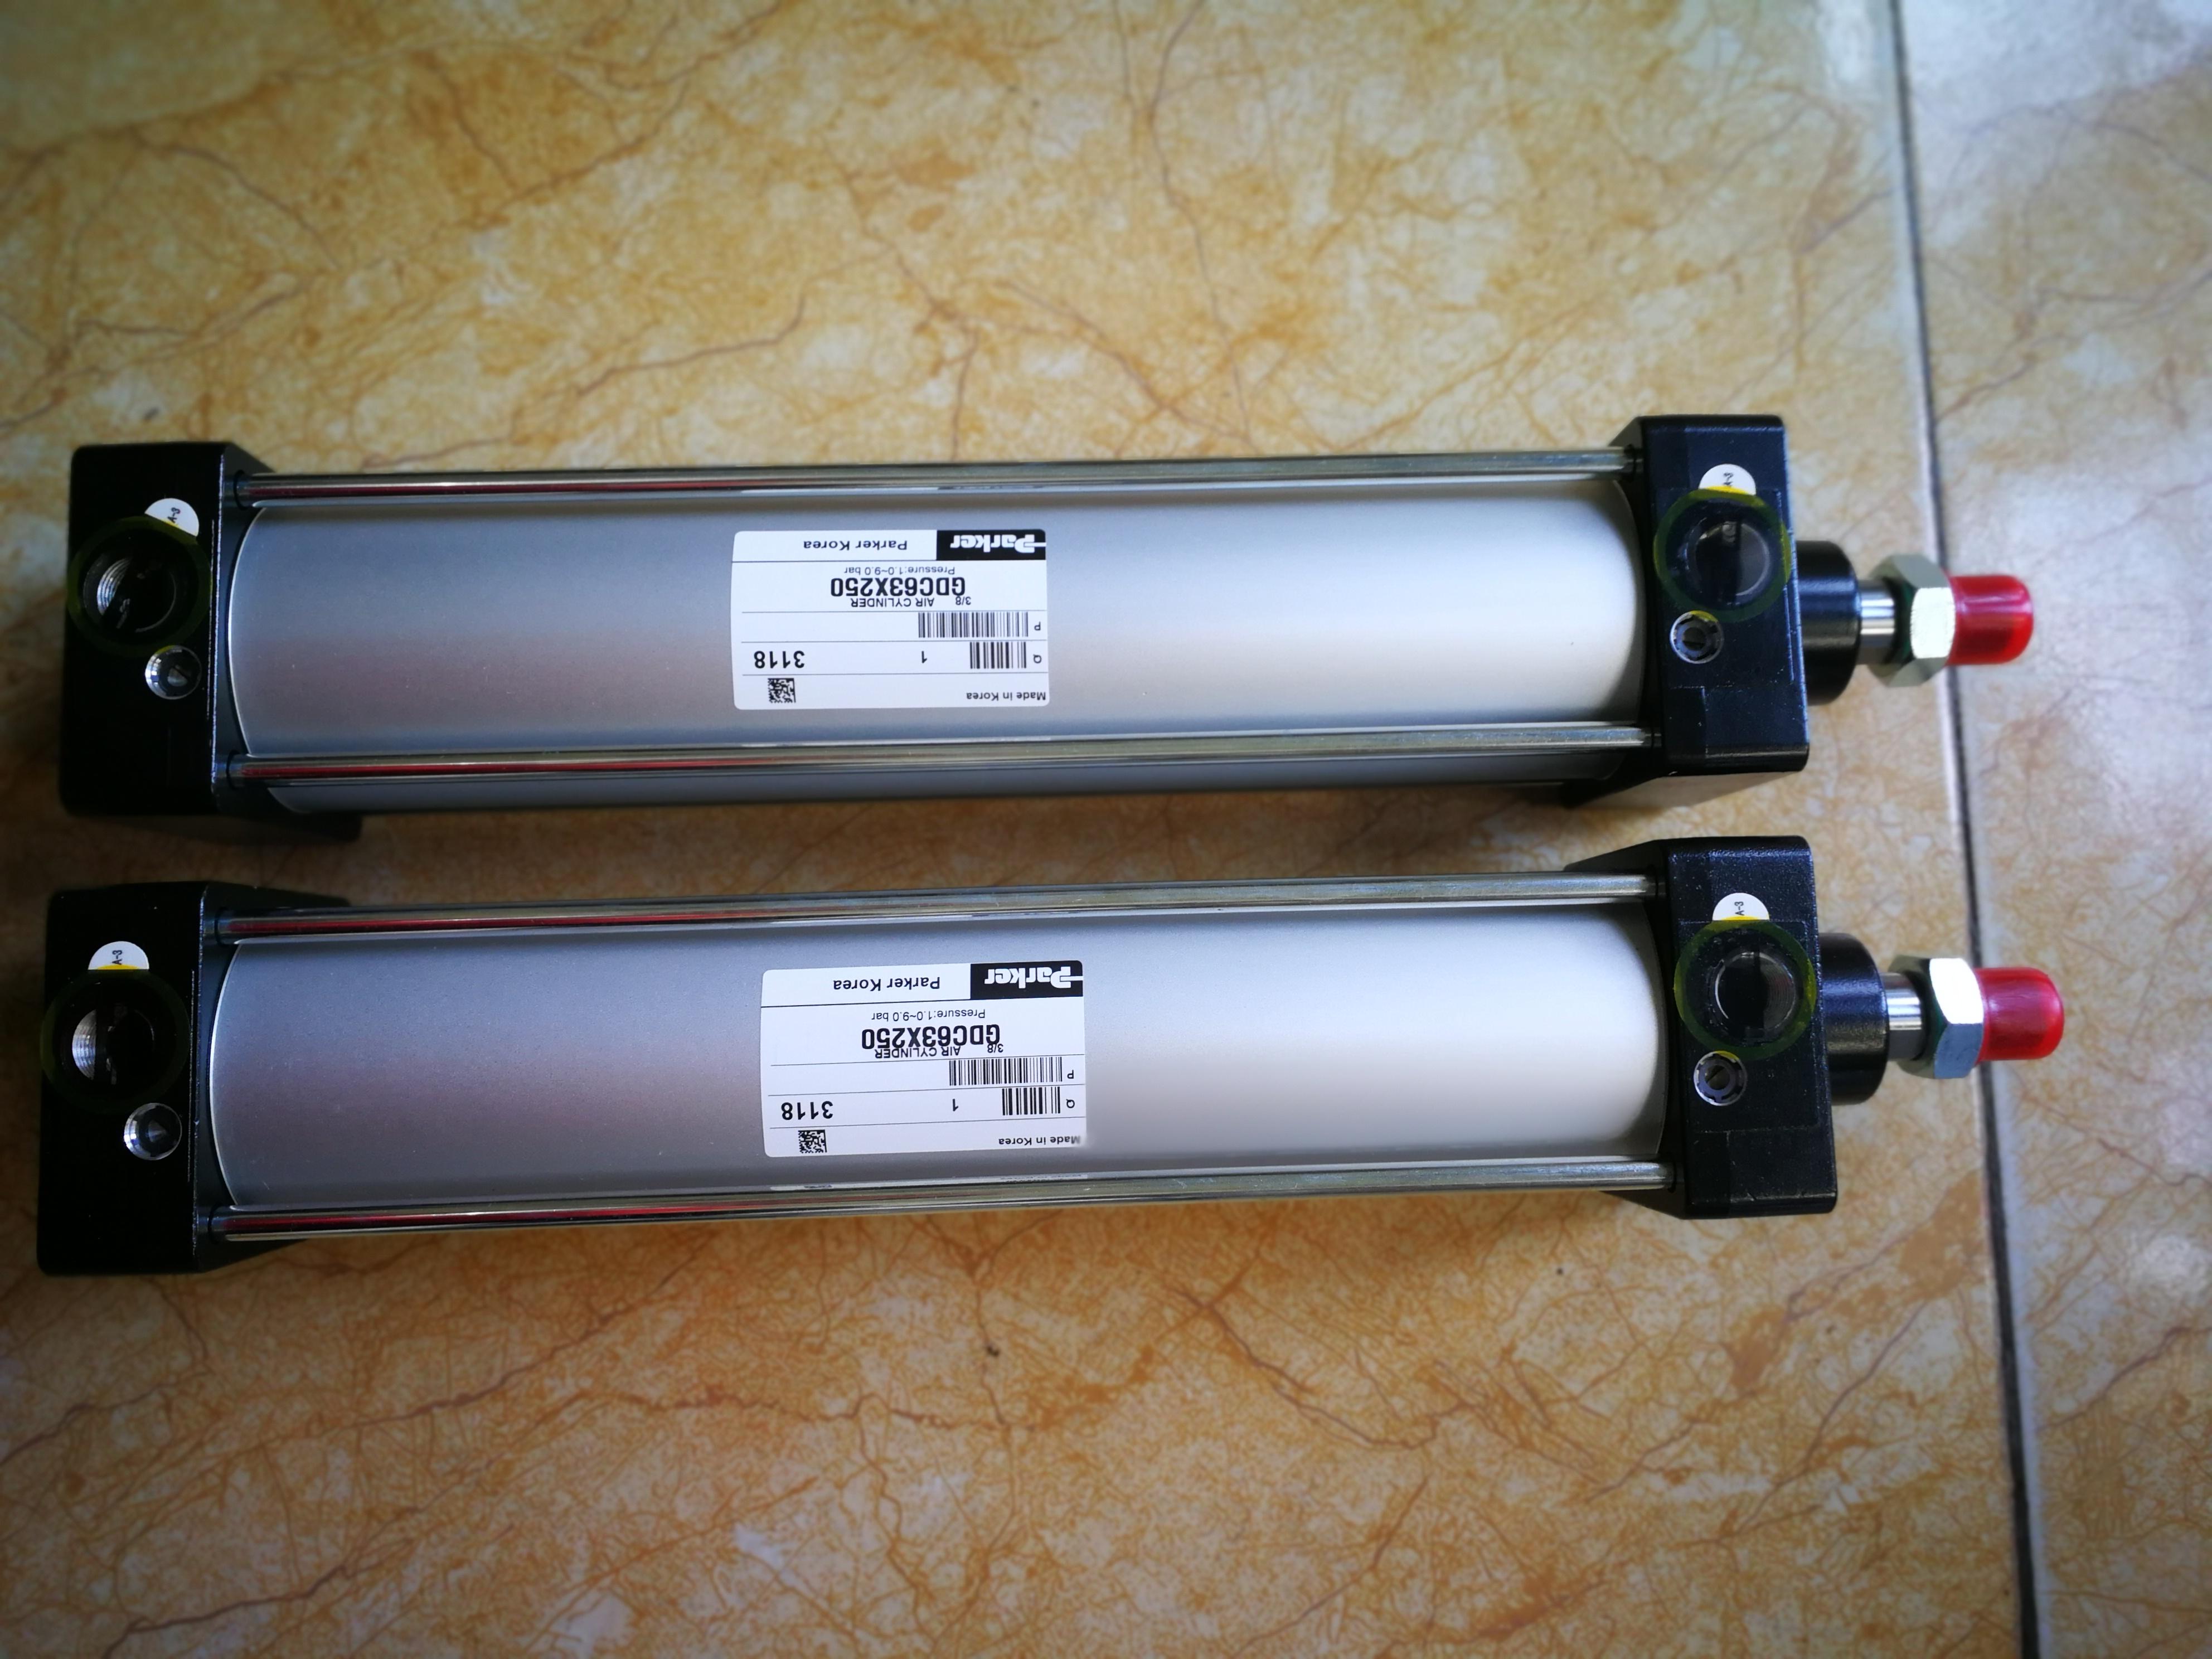 Xi lanh khí nén GDC63x250